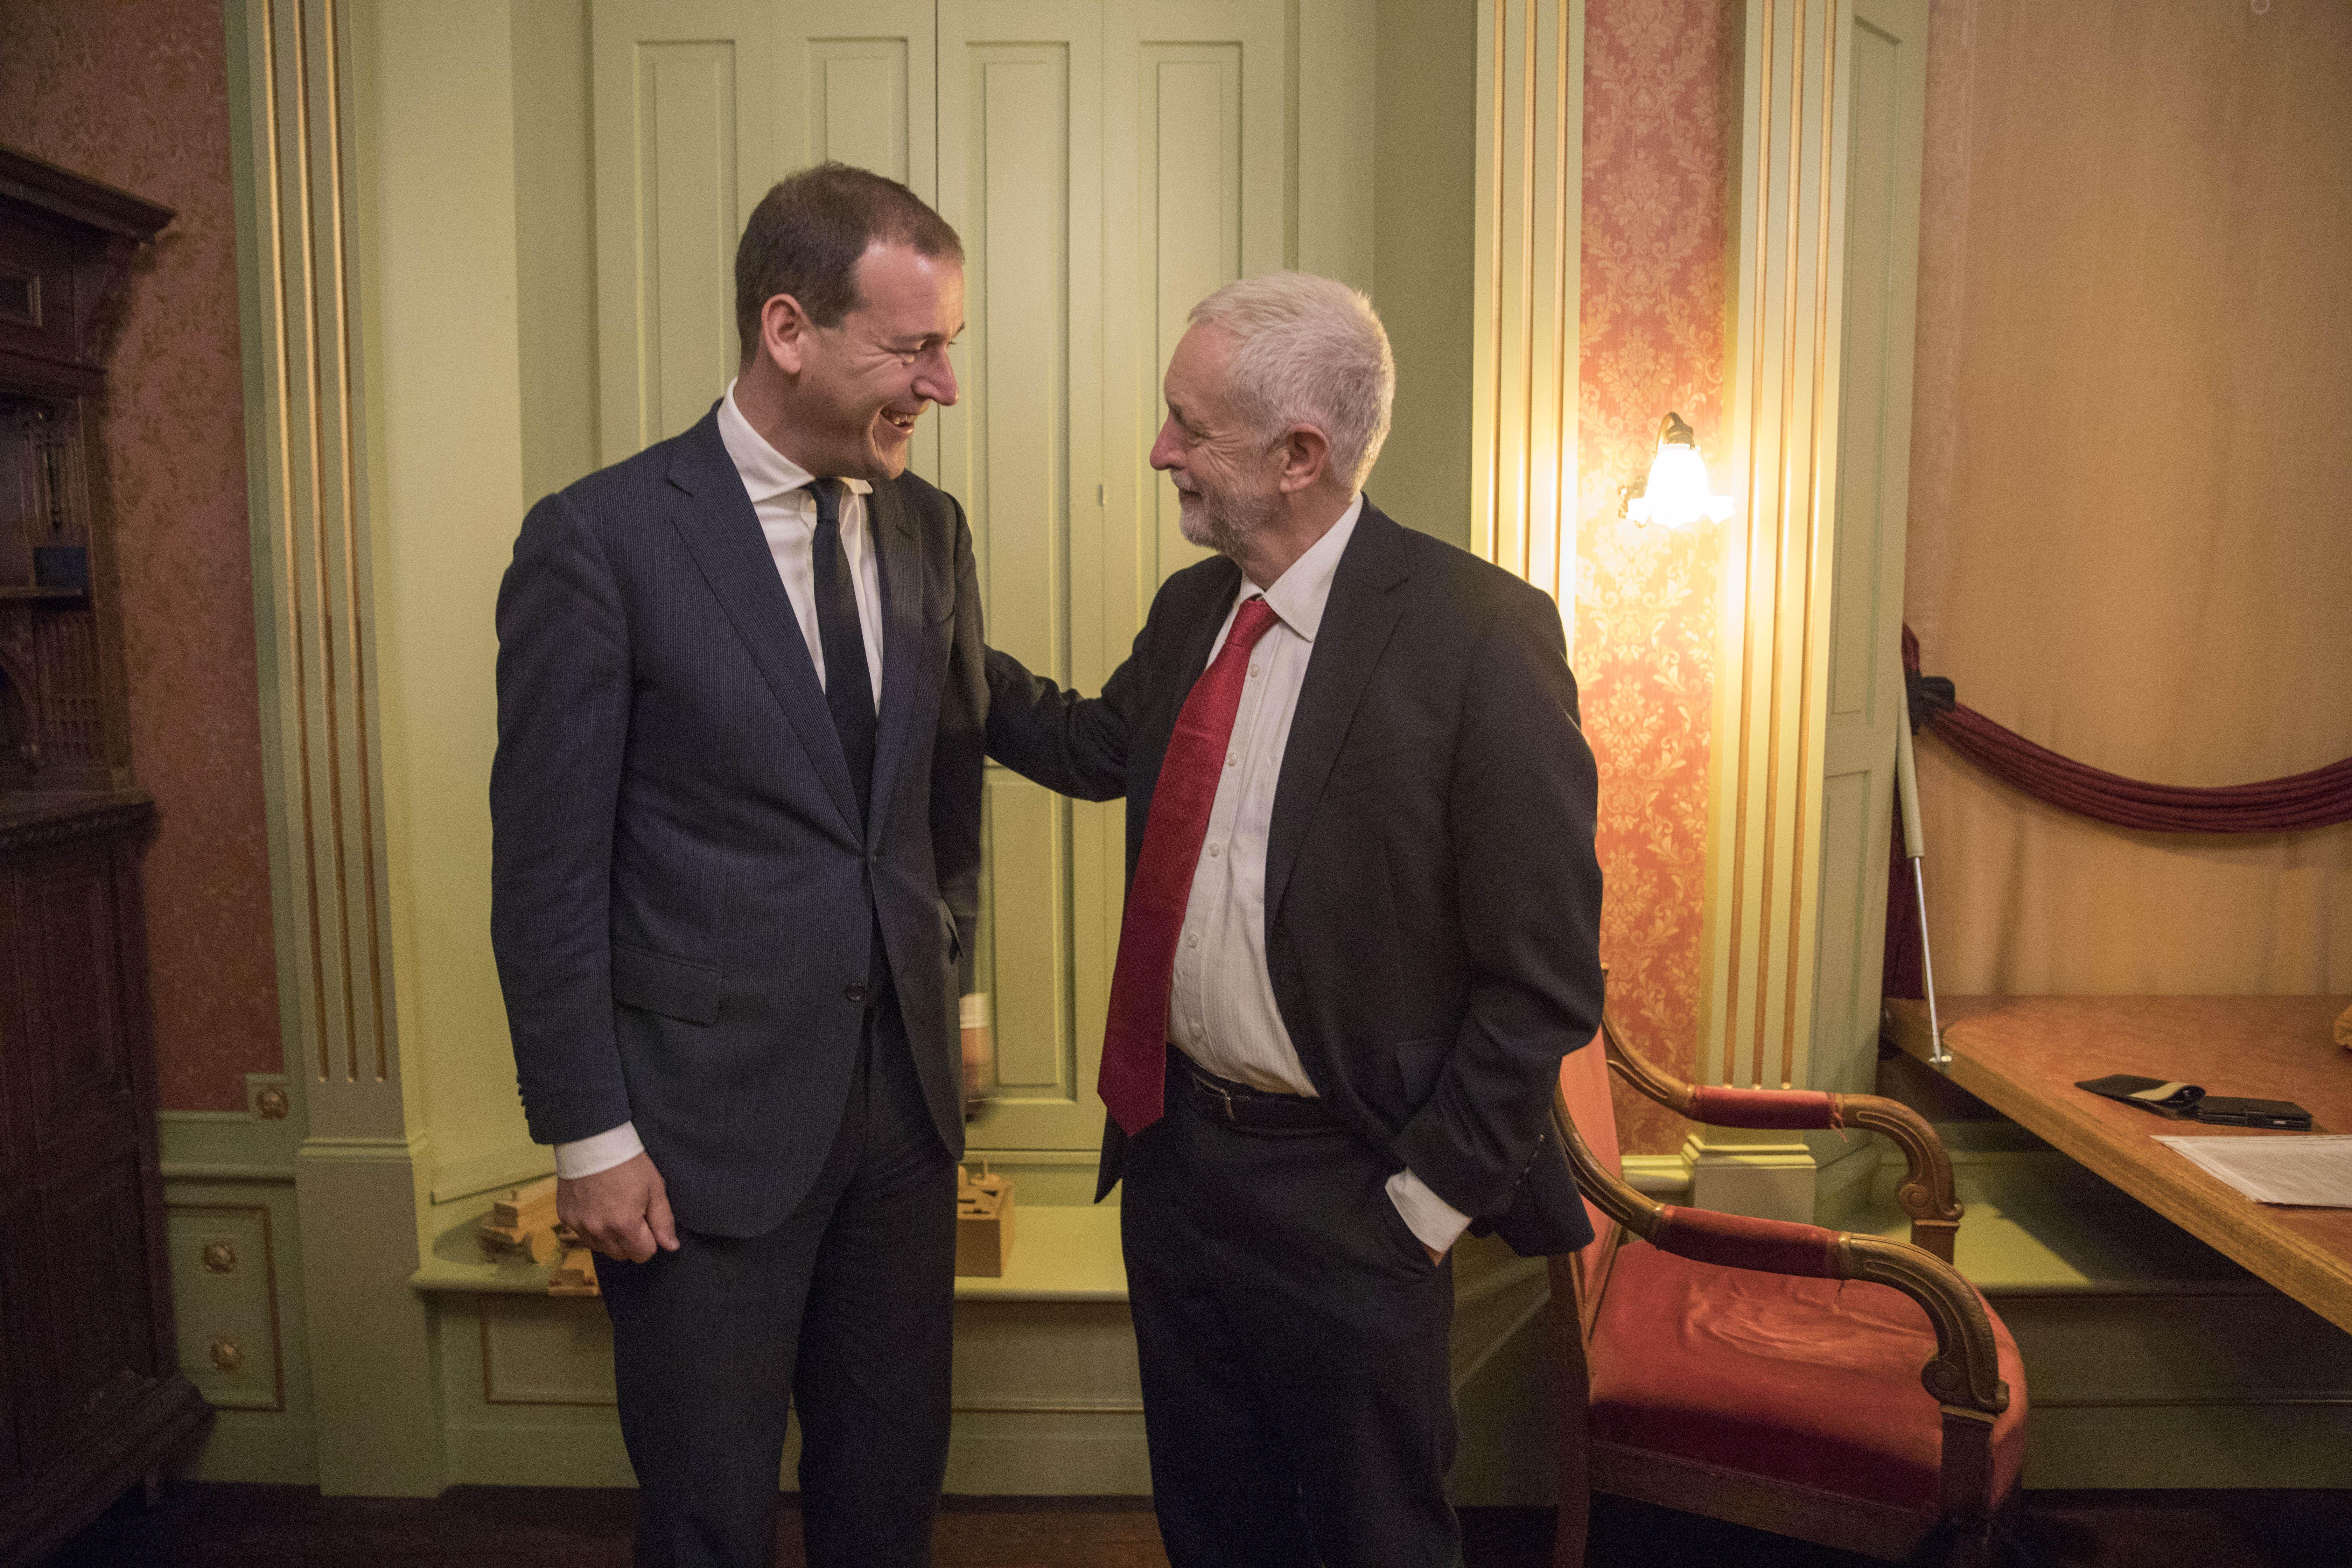 Oproep aan Lodewijk Asscher (PvdA): veroordeel Jeremy Corbyn en zijn antisemitische sentimenten